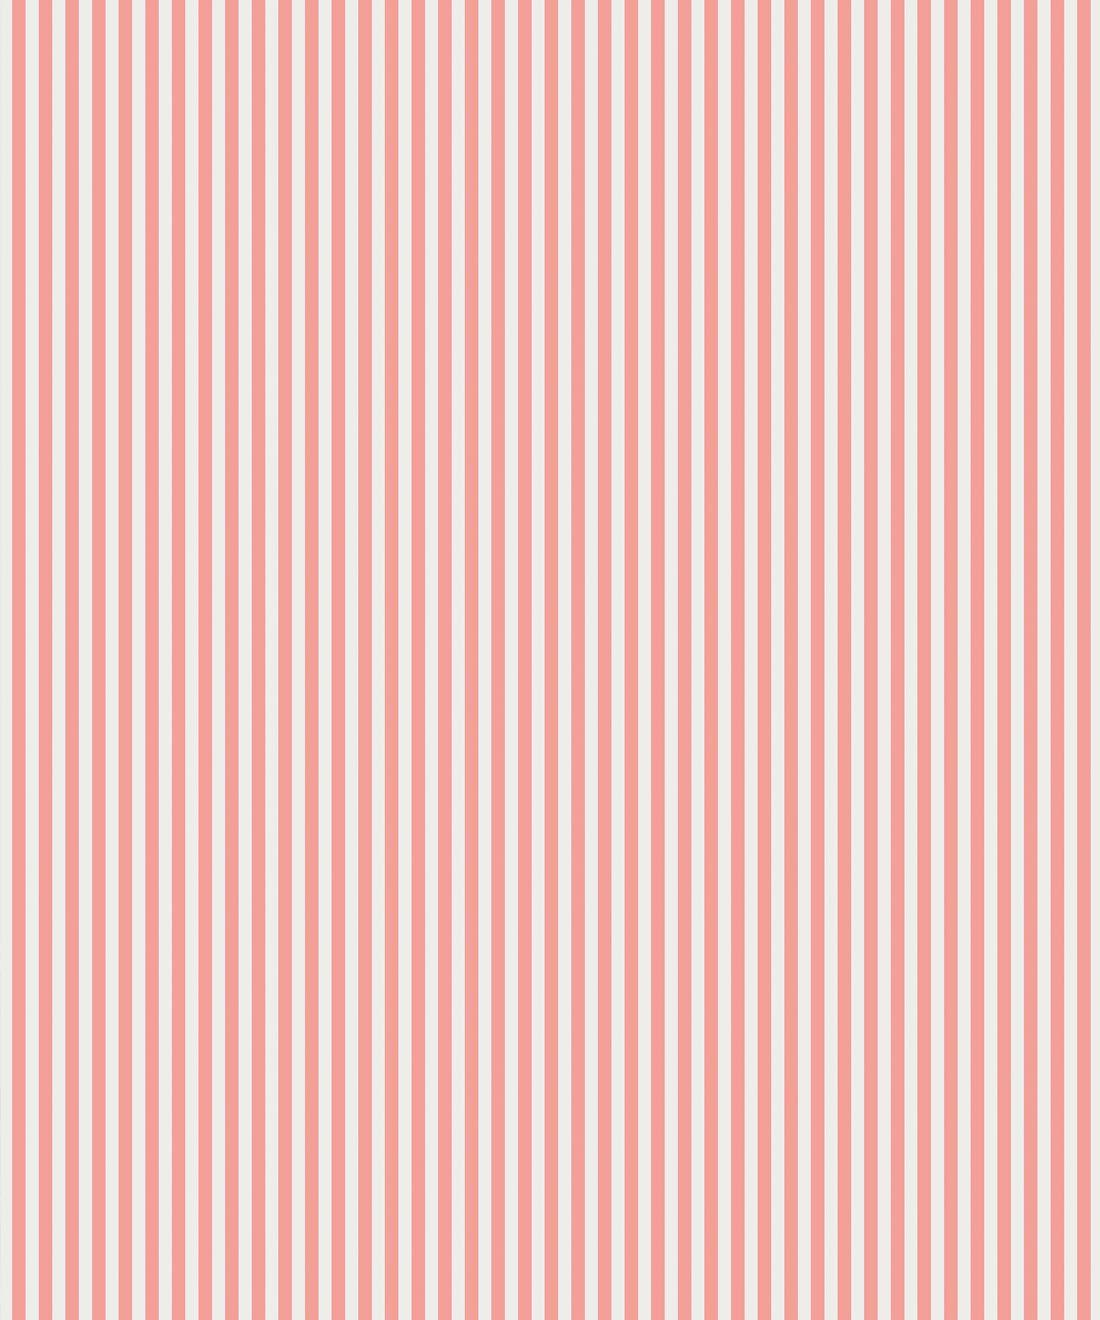 Candy Stripe Wallpaper